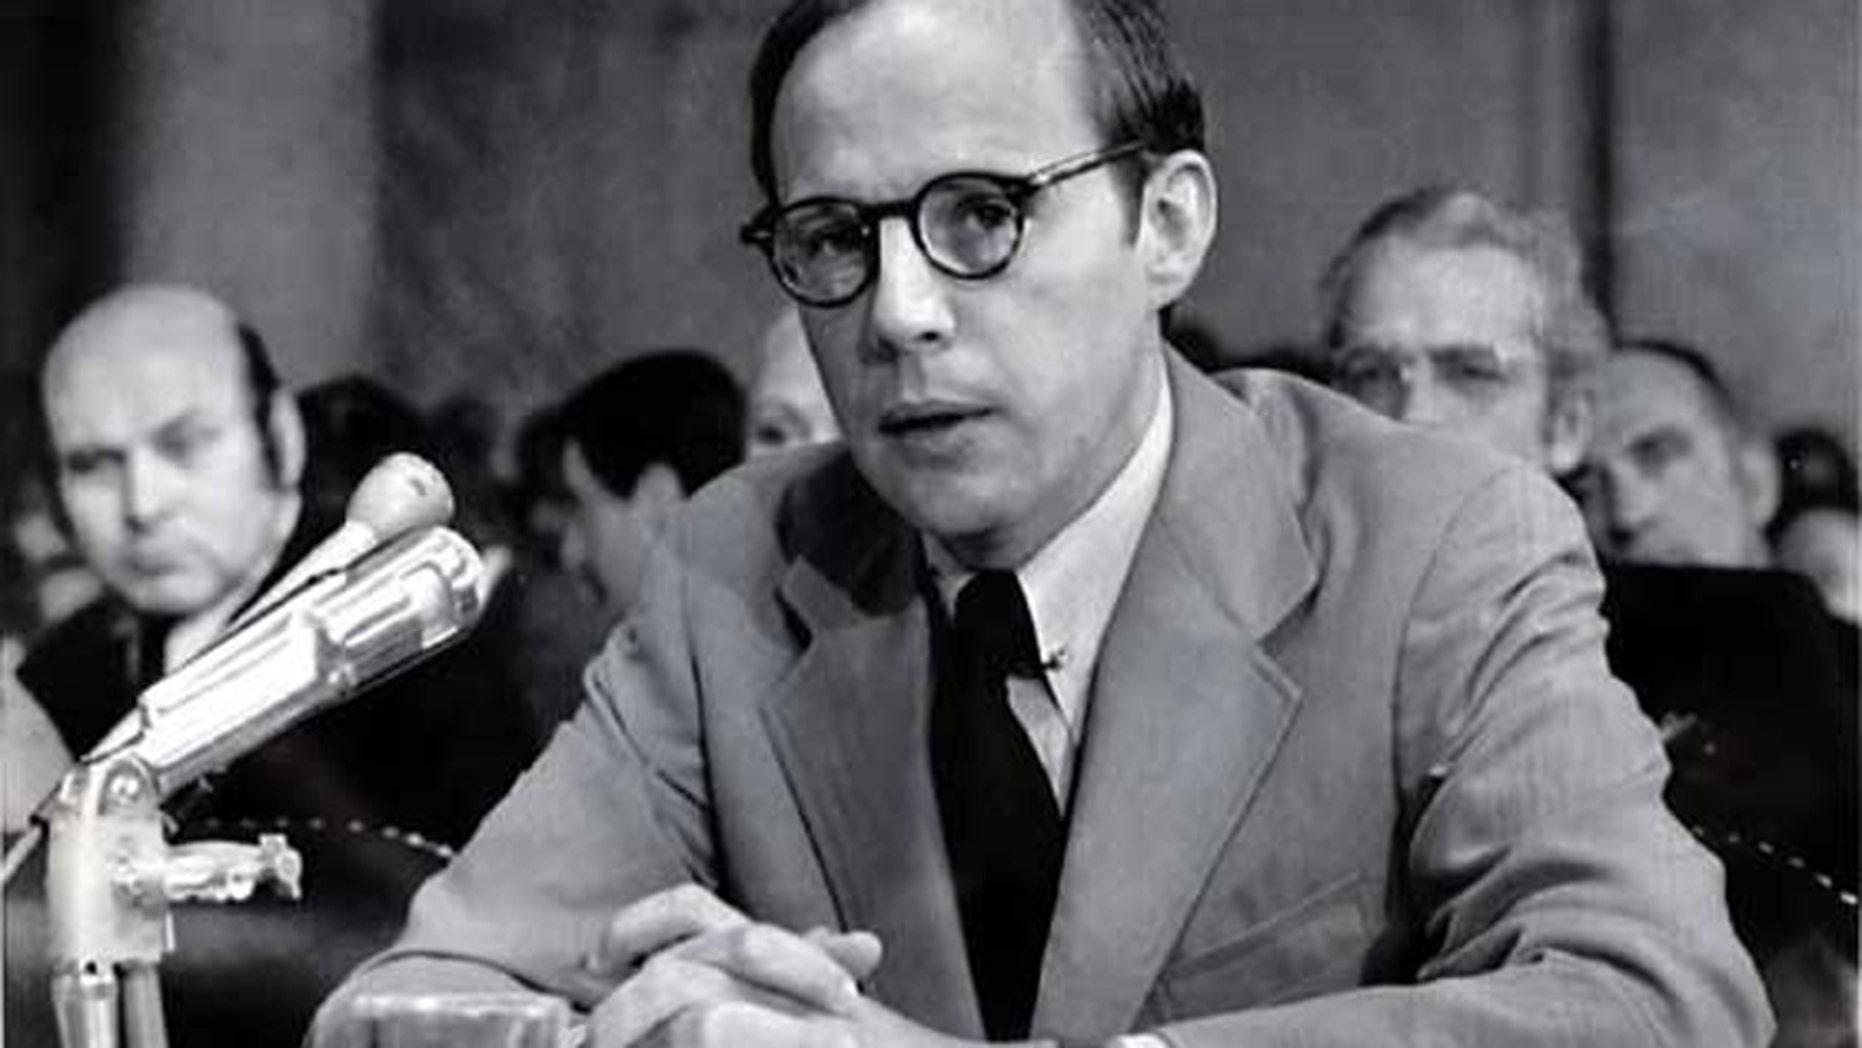 John Dean, former counsel to President Nixon, testifies during Senate Watergate hearing.